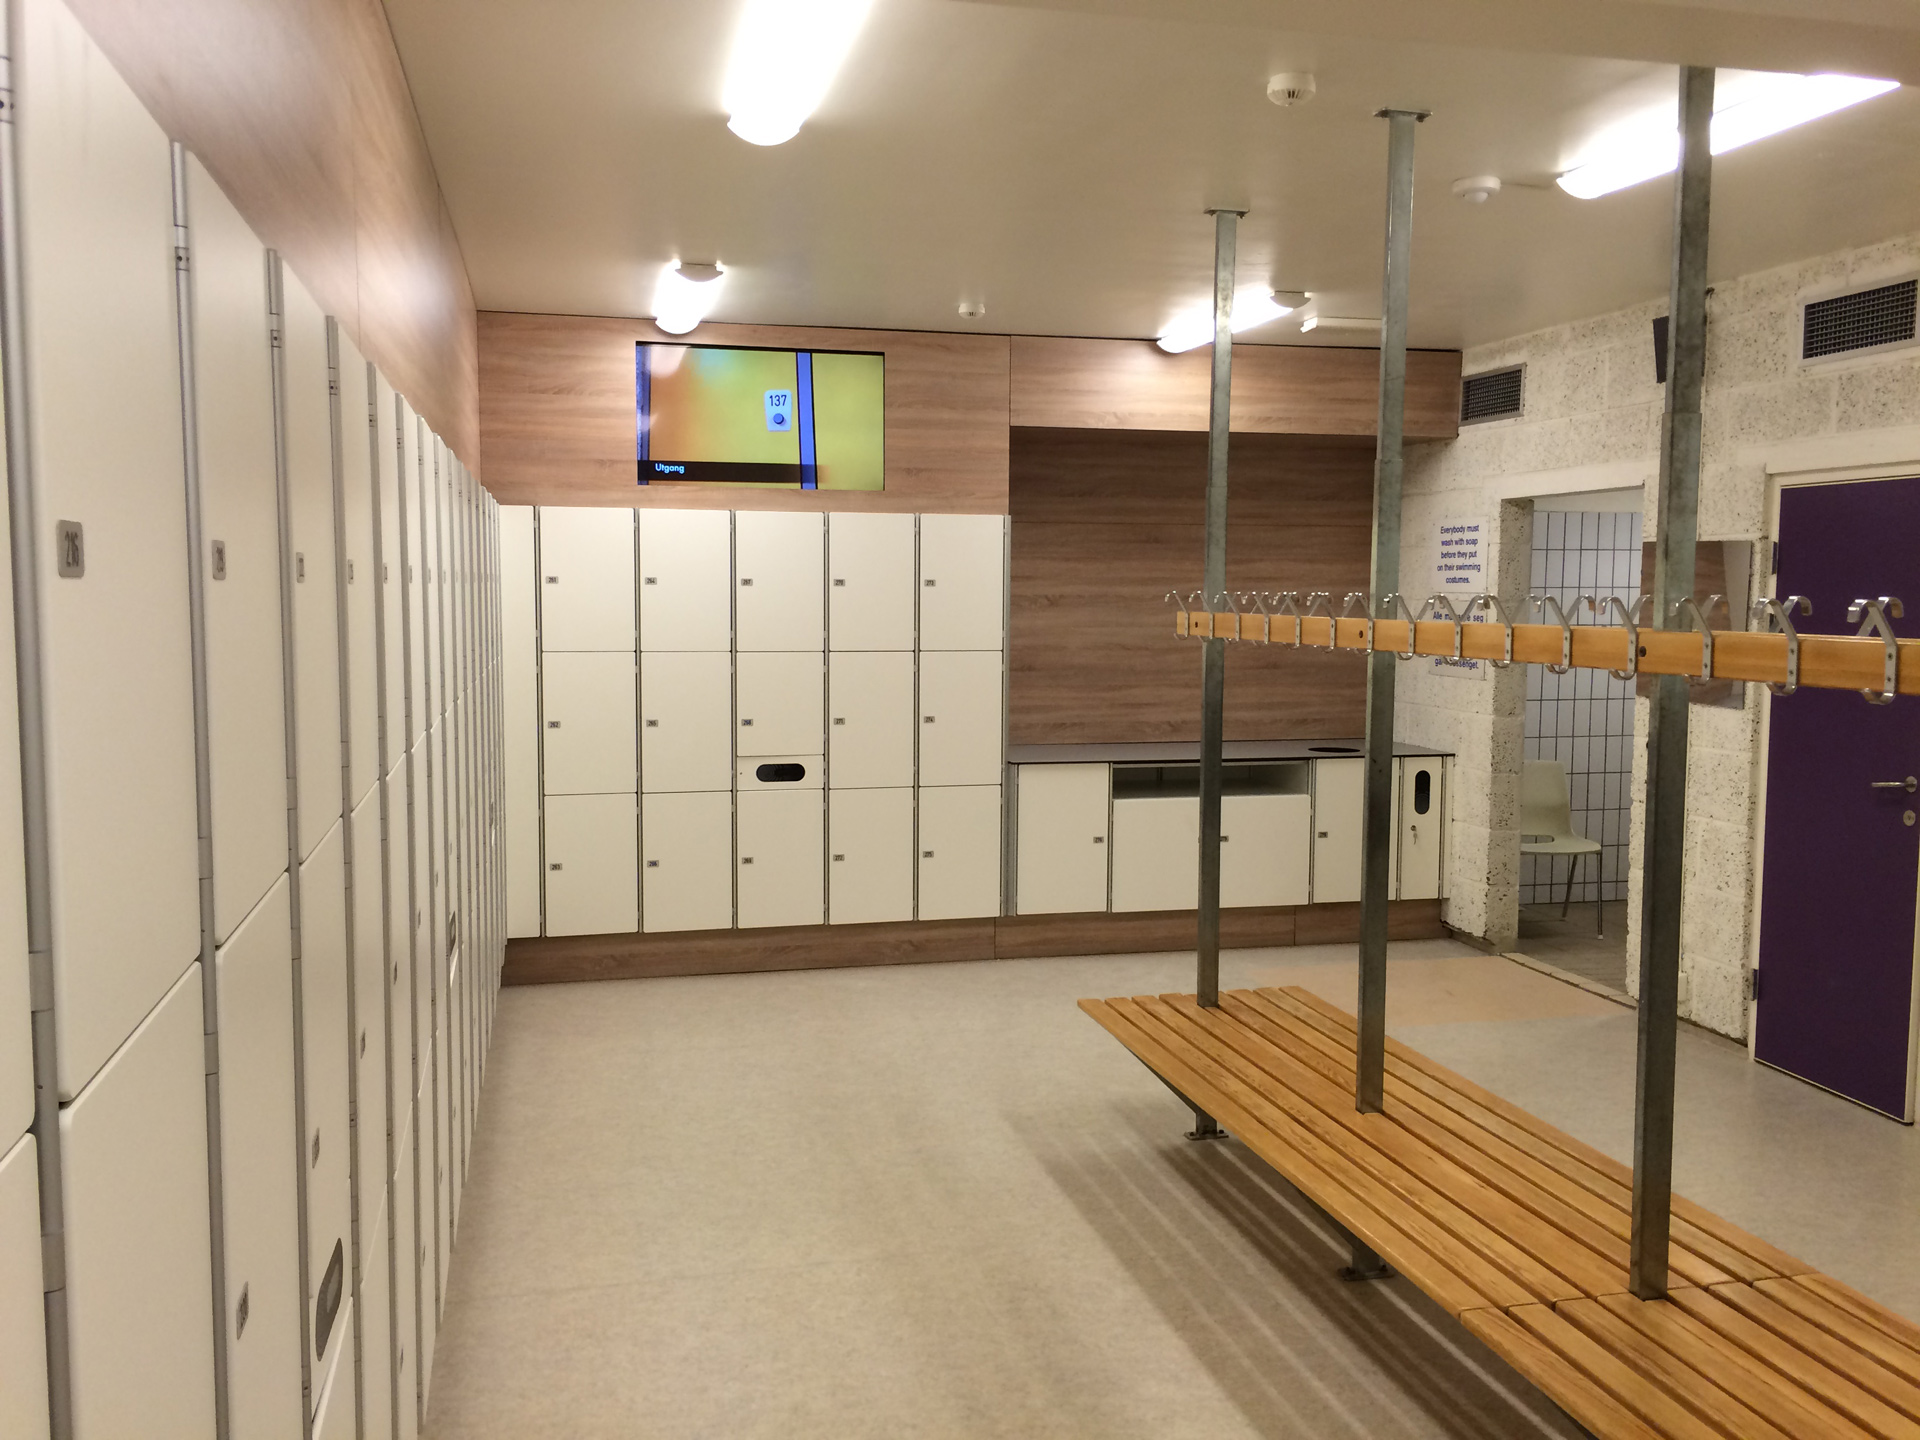 Publikumsbading randaberghallen for Garderobe 2m